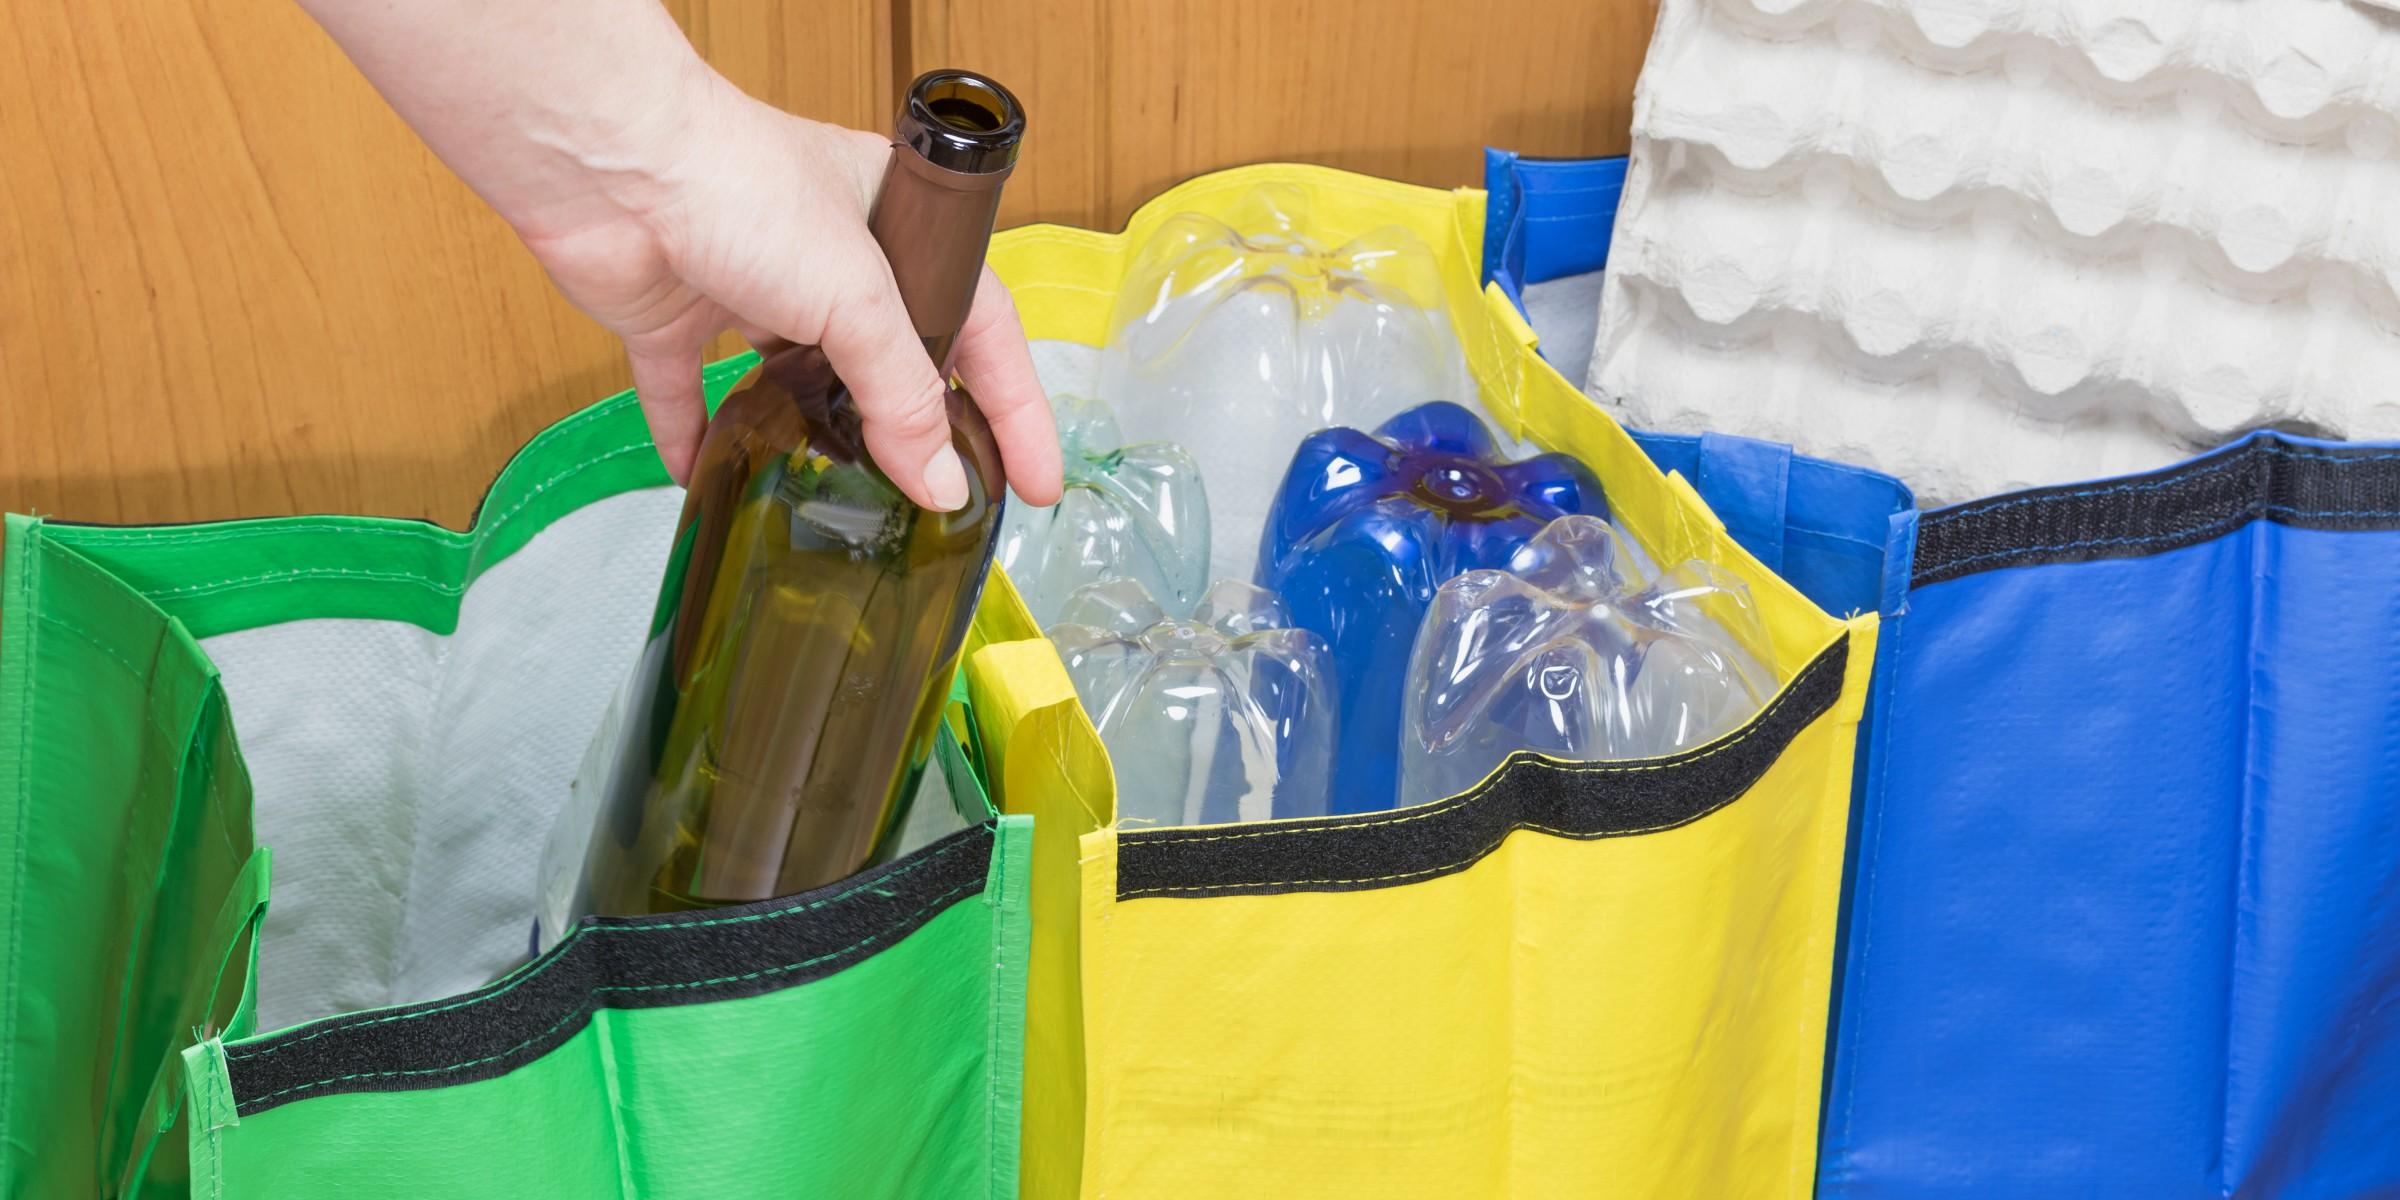 Schéma directeur pour la gestion des déchets ménagers